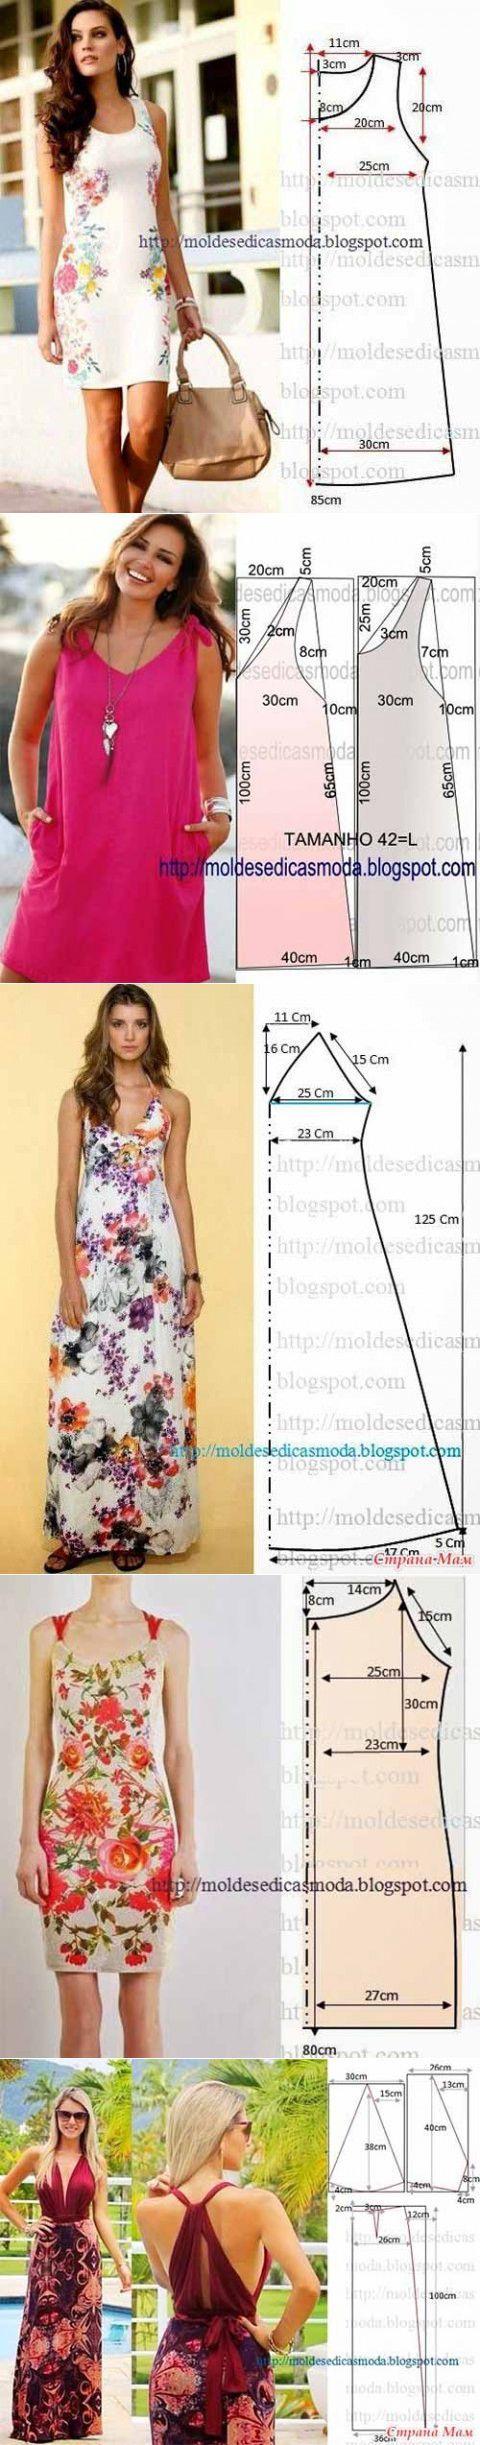 Los patrones simples y vestidos de verano de verano | amante